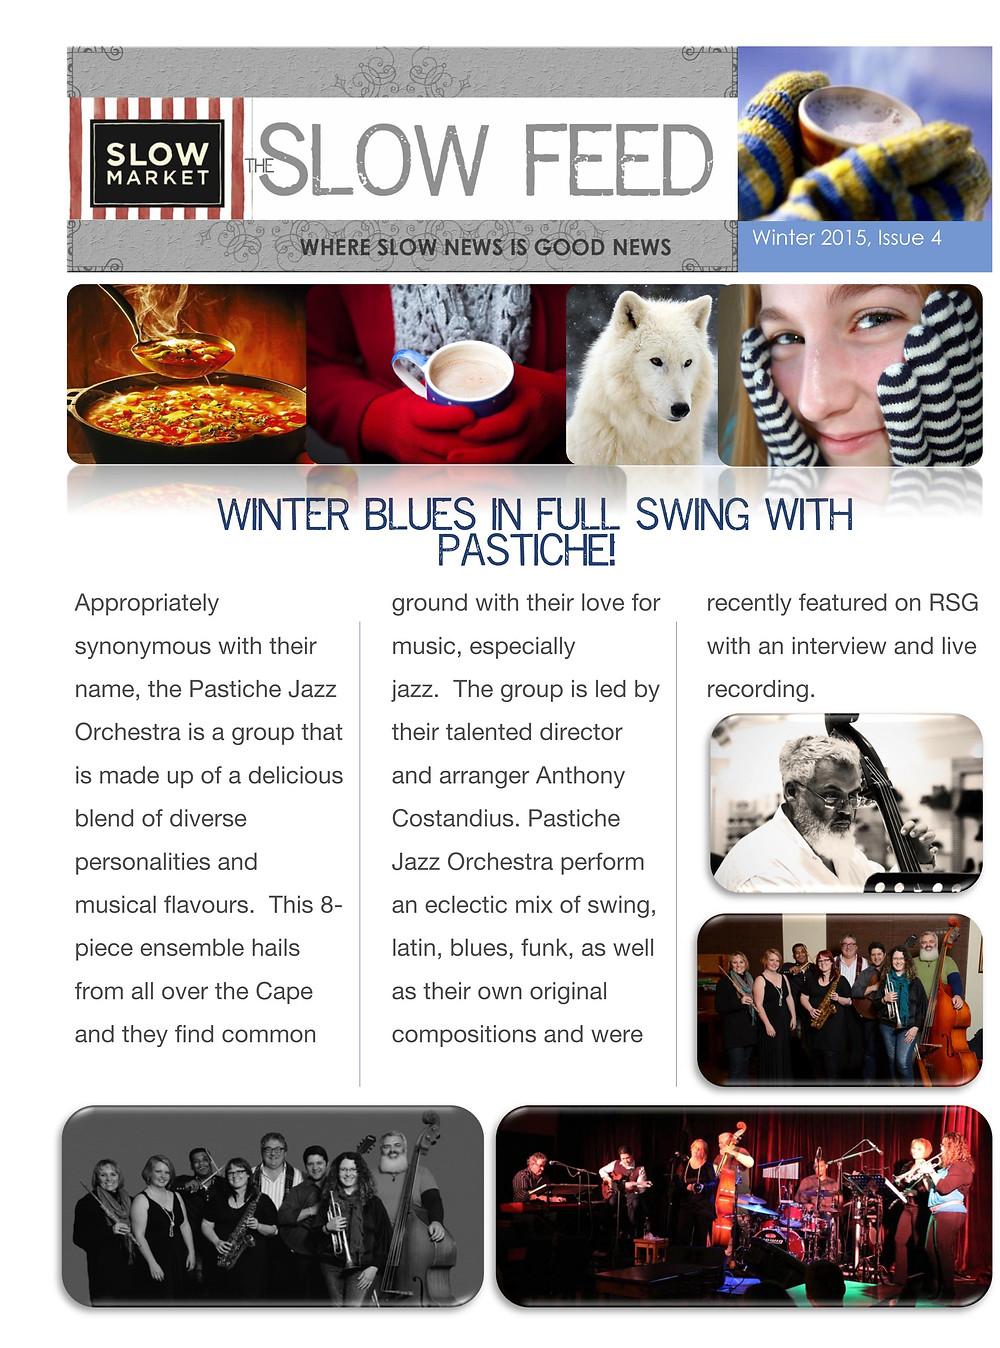 SLOW FEED WINTER BLUES 4-1.jpg